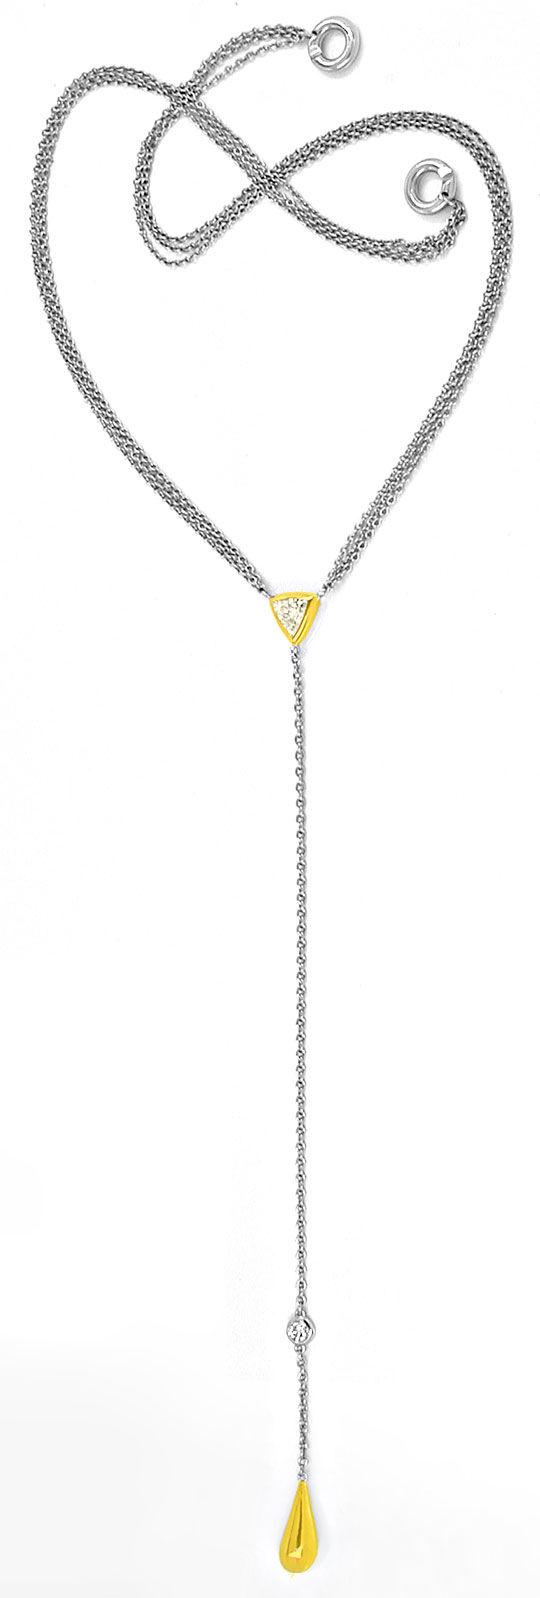 Foto 2, Trillant, Trillion, Diamant-Platin-Gold-Kollier Schmuck, S8461